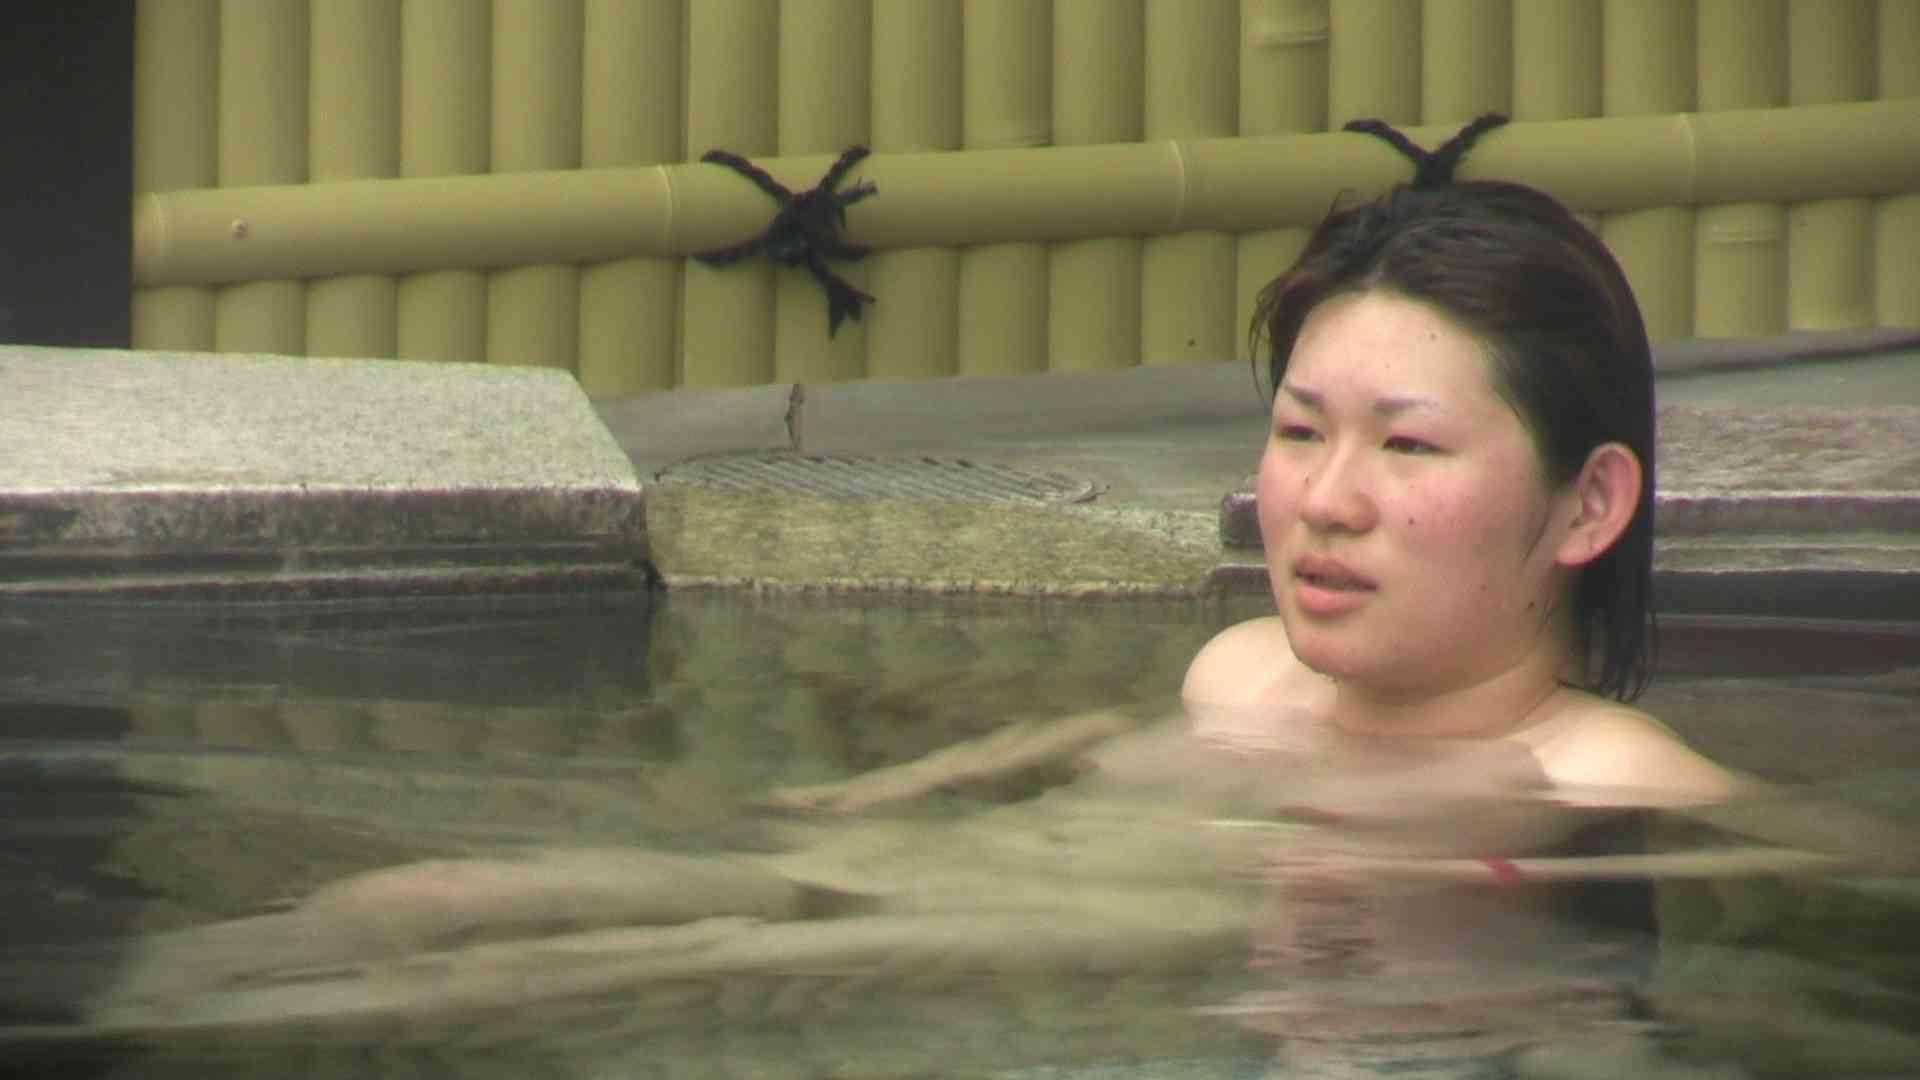 Aquaな露天風呂Vol.673 OLエロ画像  104PICs 75